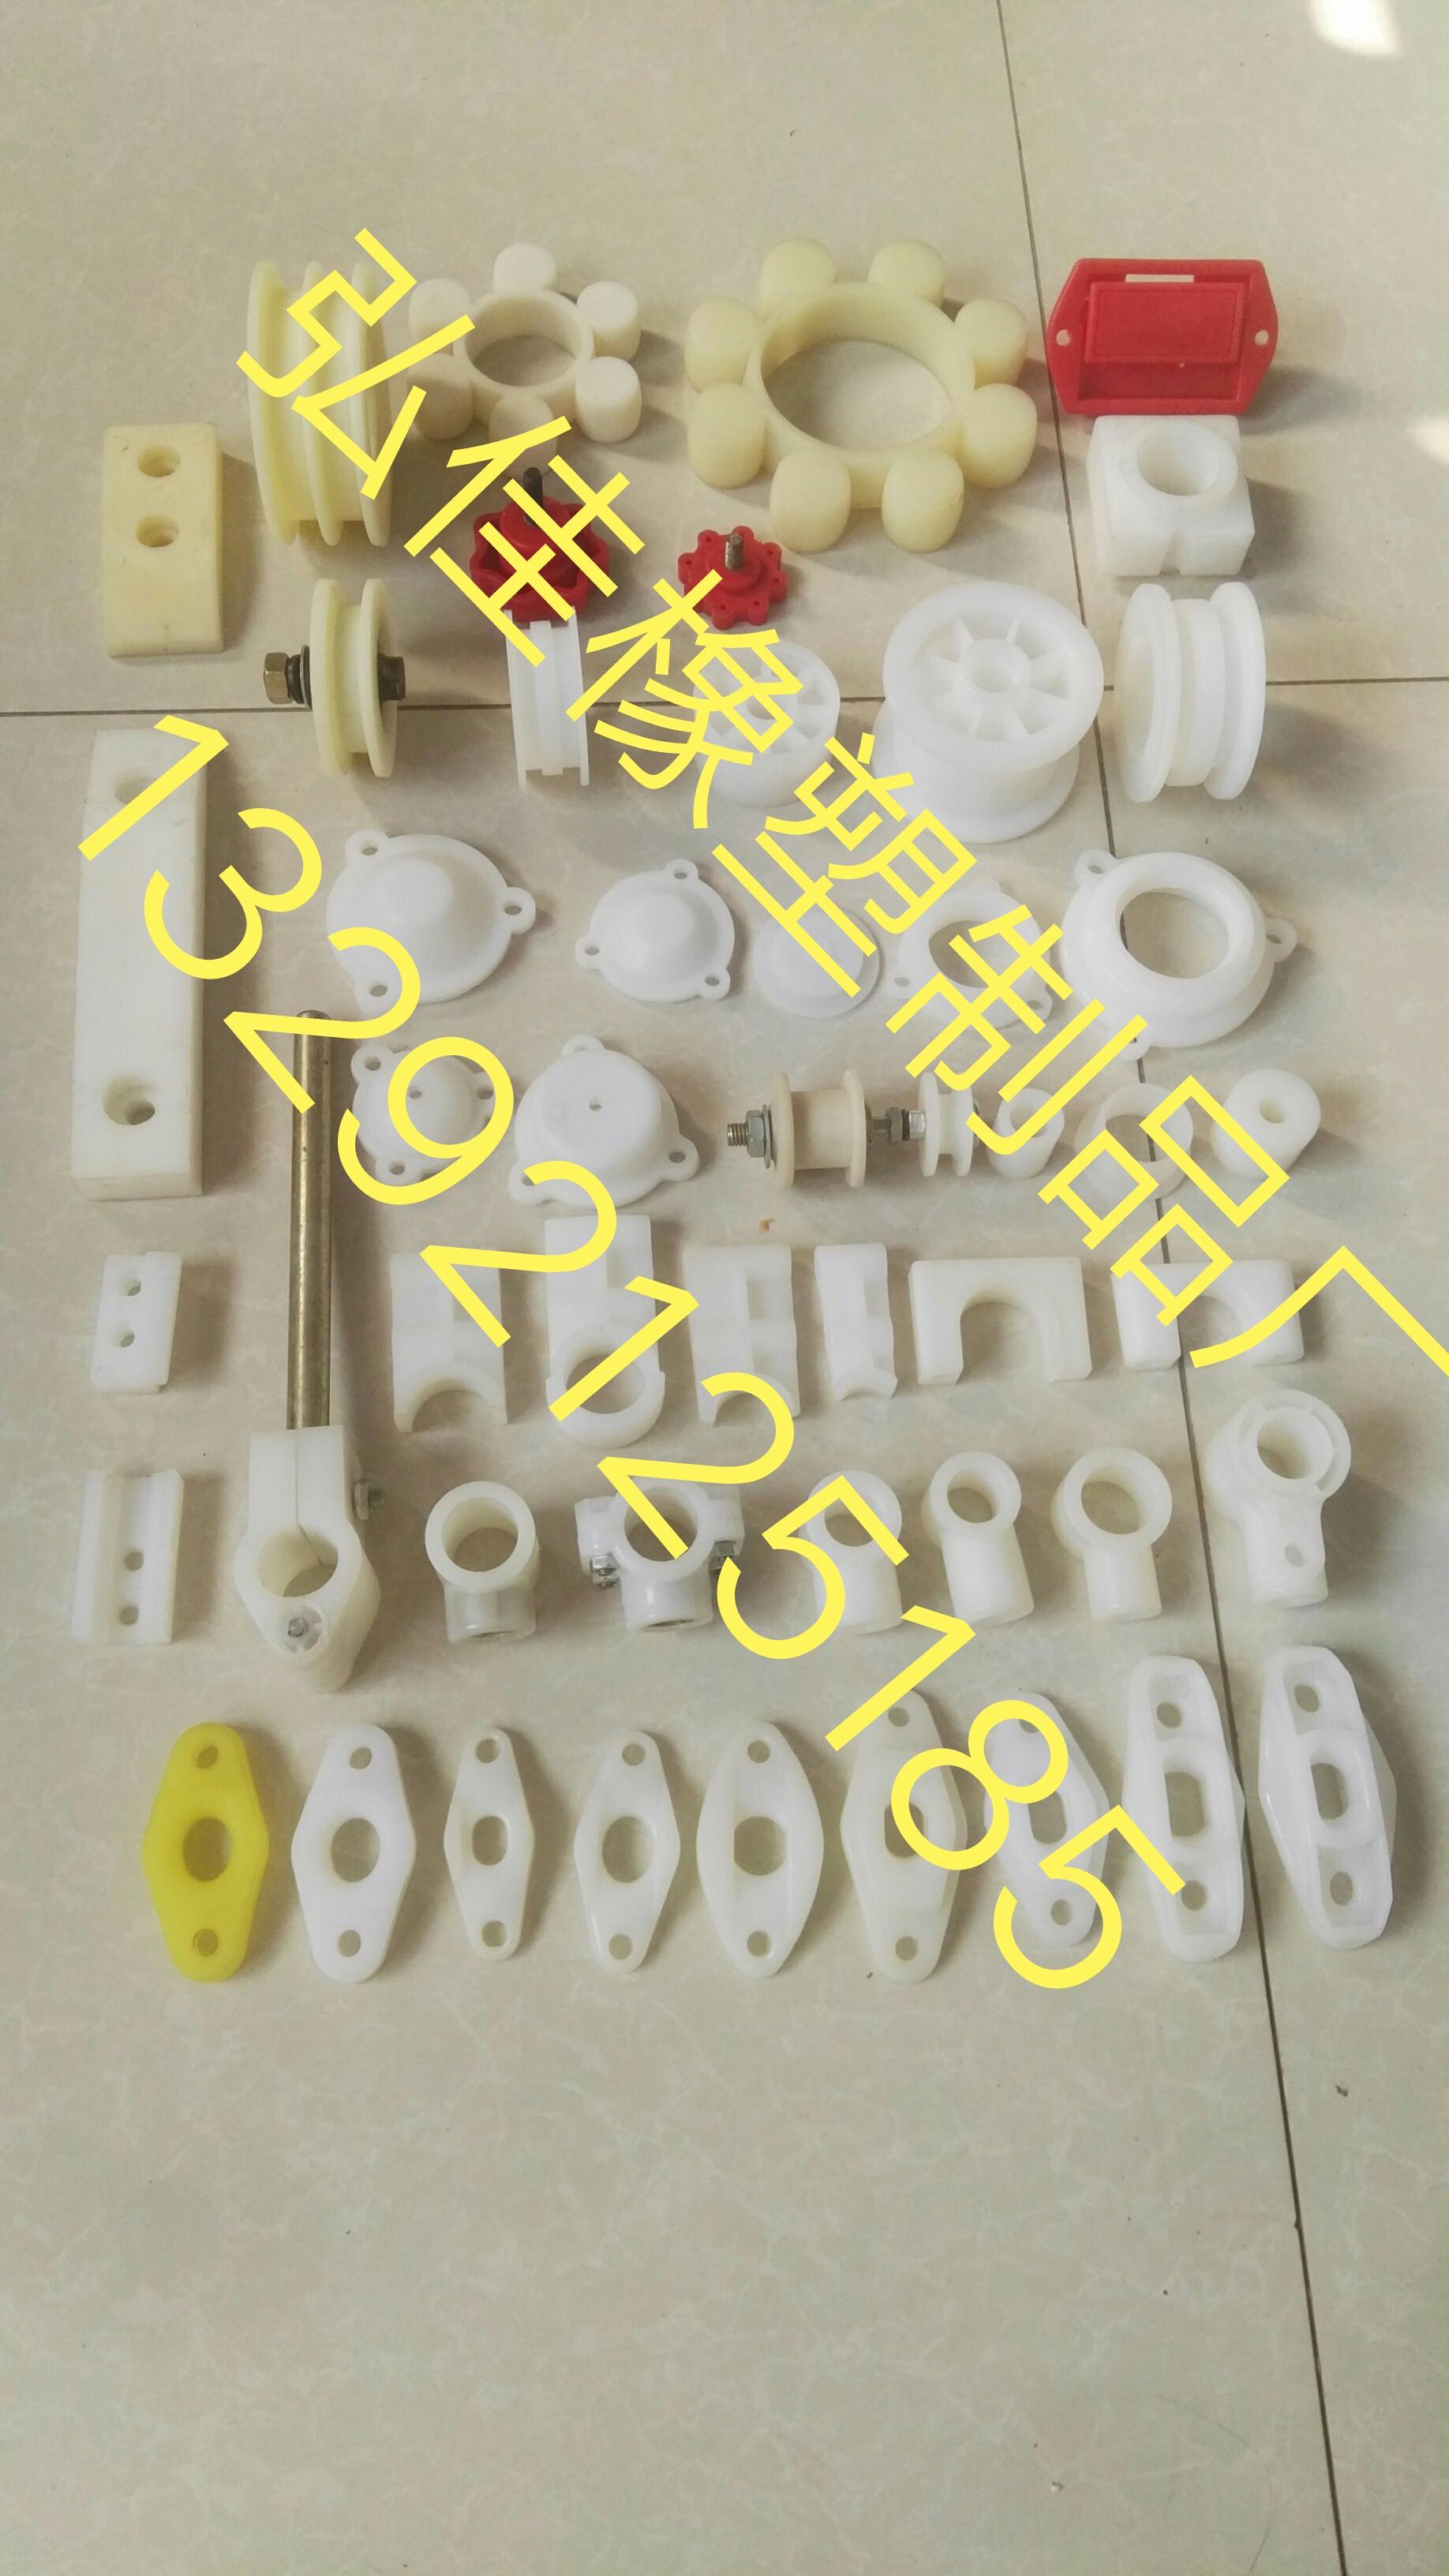 农业光大娱乐彩官网橡塑制品农机具橡塑制品